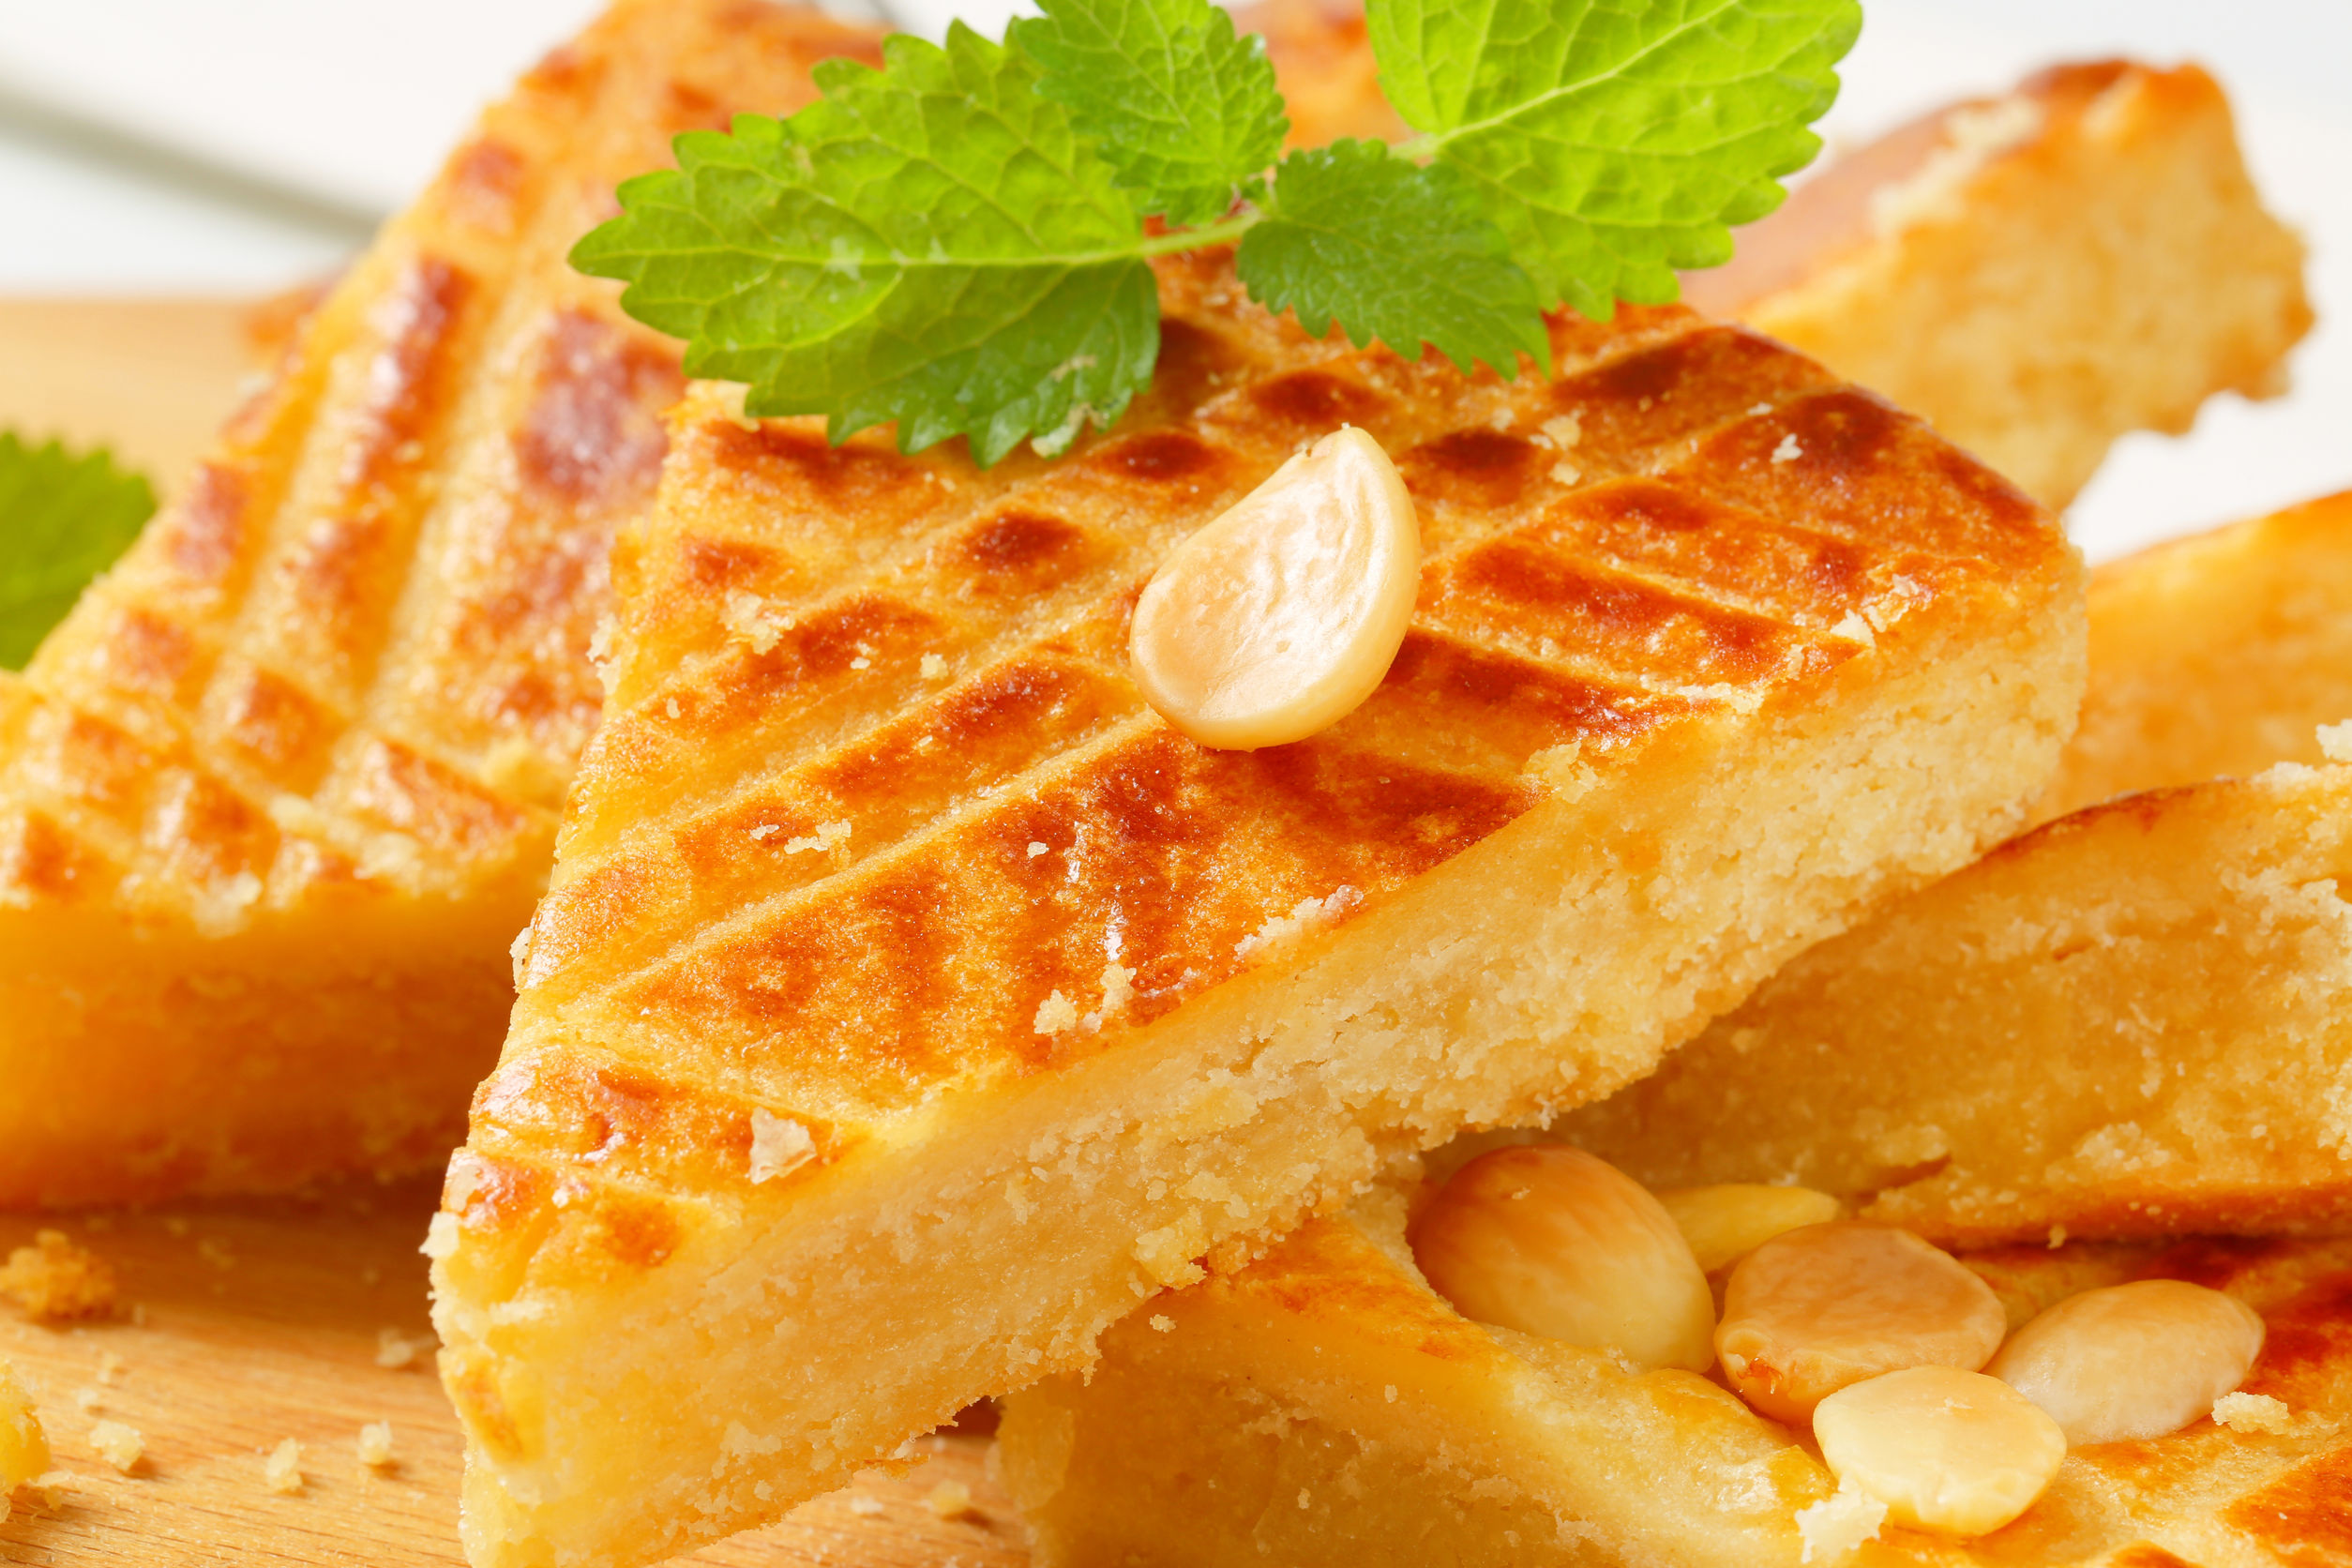 Slices of Dutch Almond Butter Cake (Boterkoek)